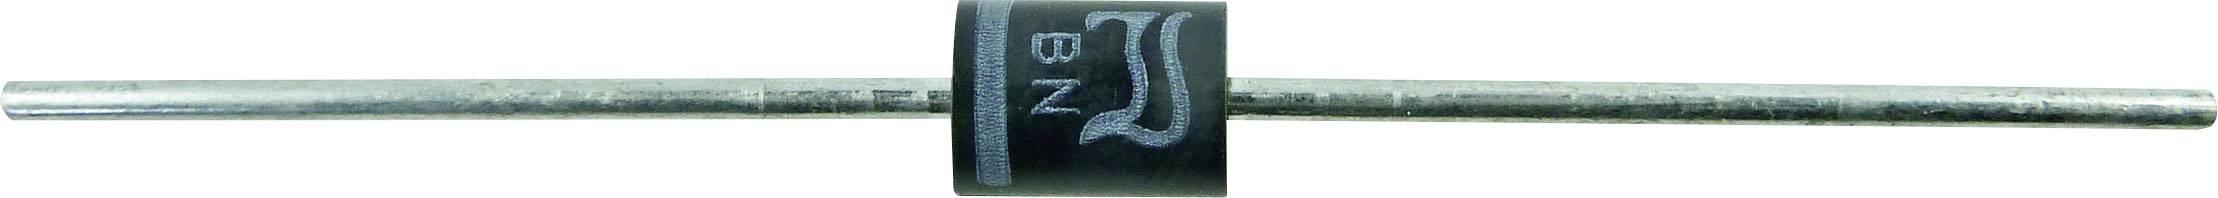 Křemíková usměrňovací dioda TRU COMPONENTS TC-BY550-50